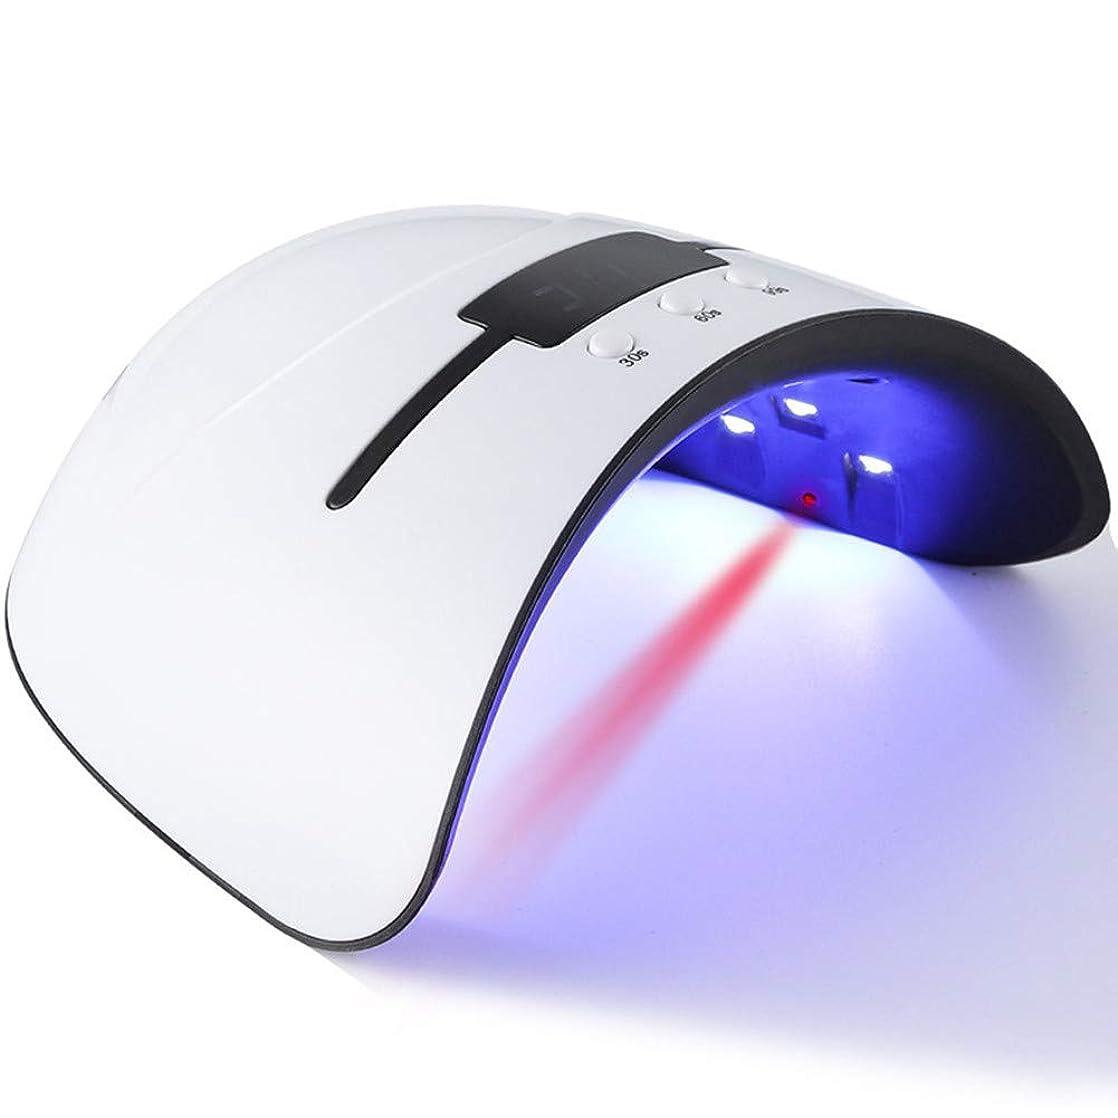 過敏な下位称賛硬化ライト ネイルlight ジェルネイル LED ネイルドライヤー 日本語説明書付属 36W 無痛硬化 赤外線検知